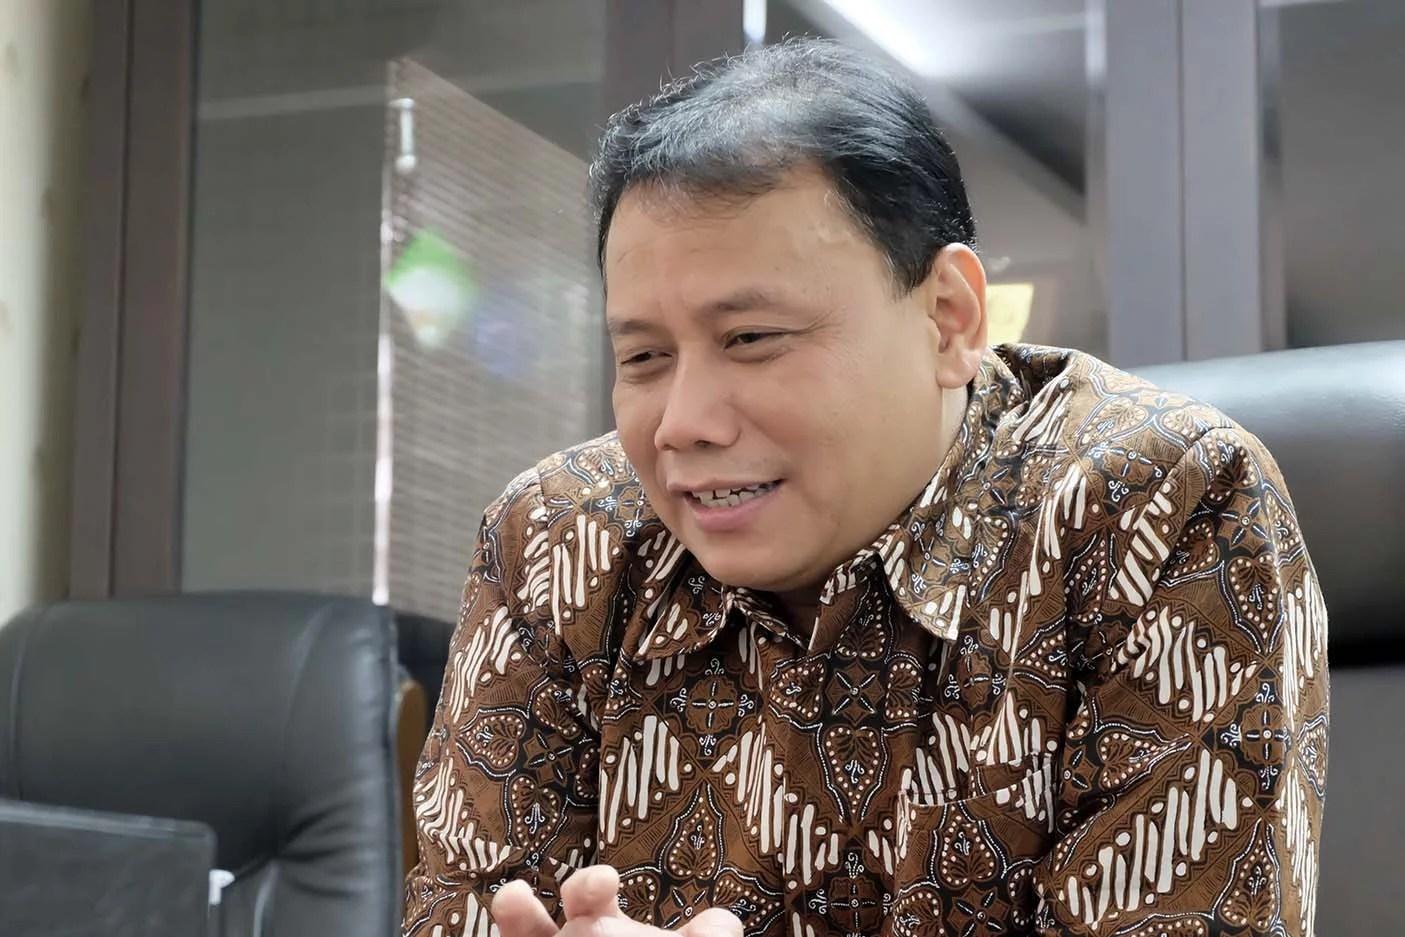 Ketua Bawaslu RI, dari Advokat ke Sosok Pengawas Pemilu